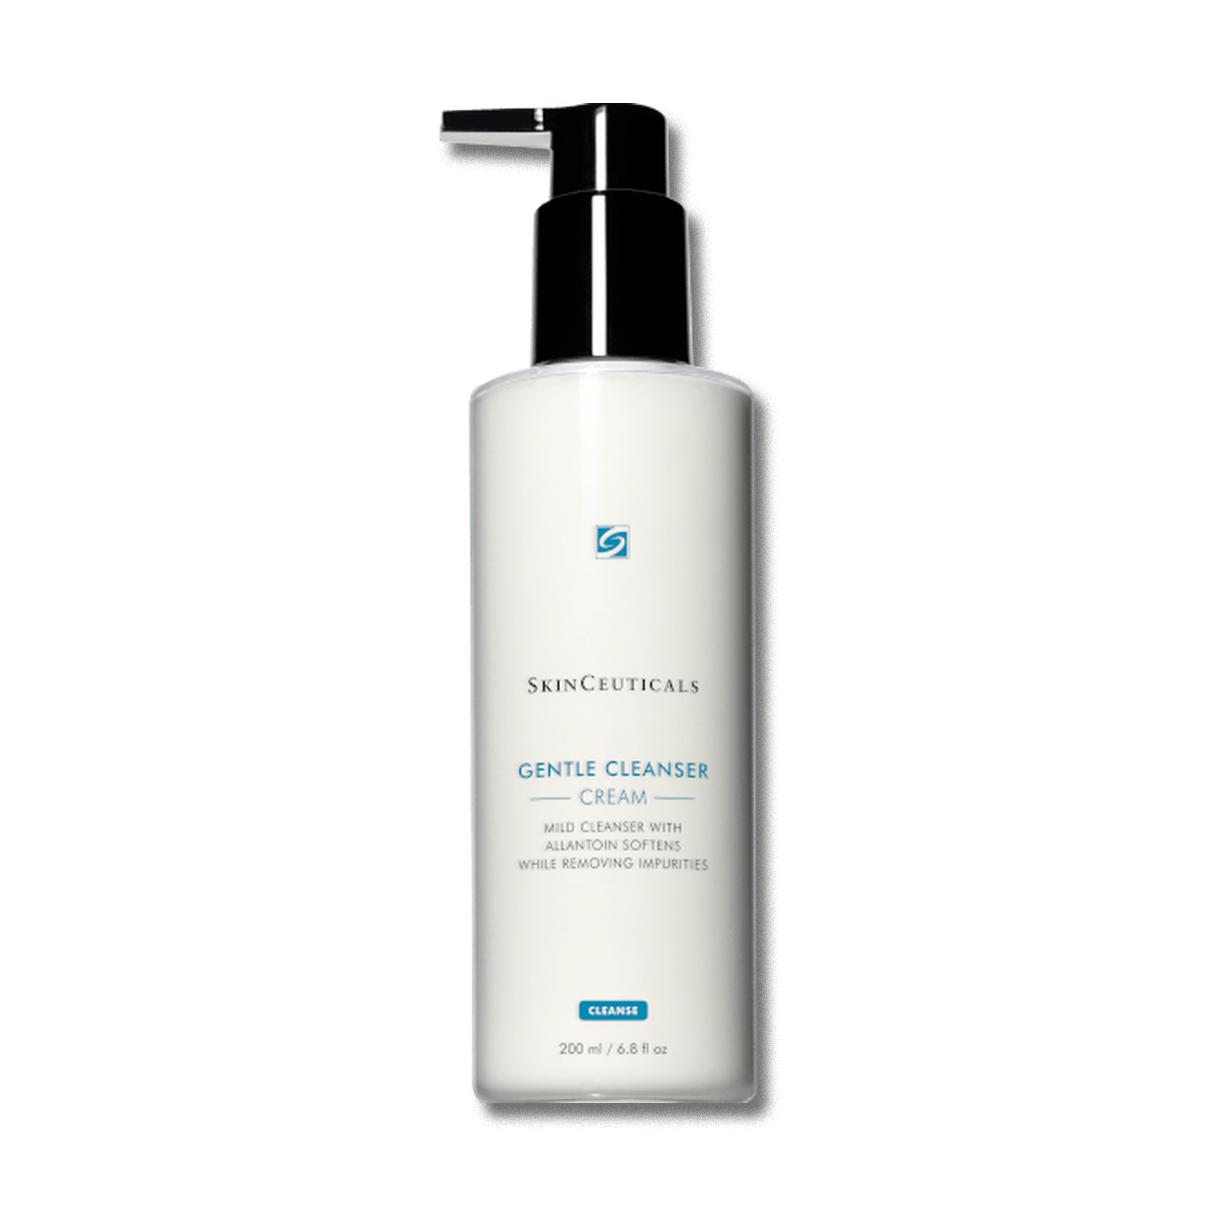 Gentle-Cleanser-SkinCeuticals